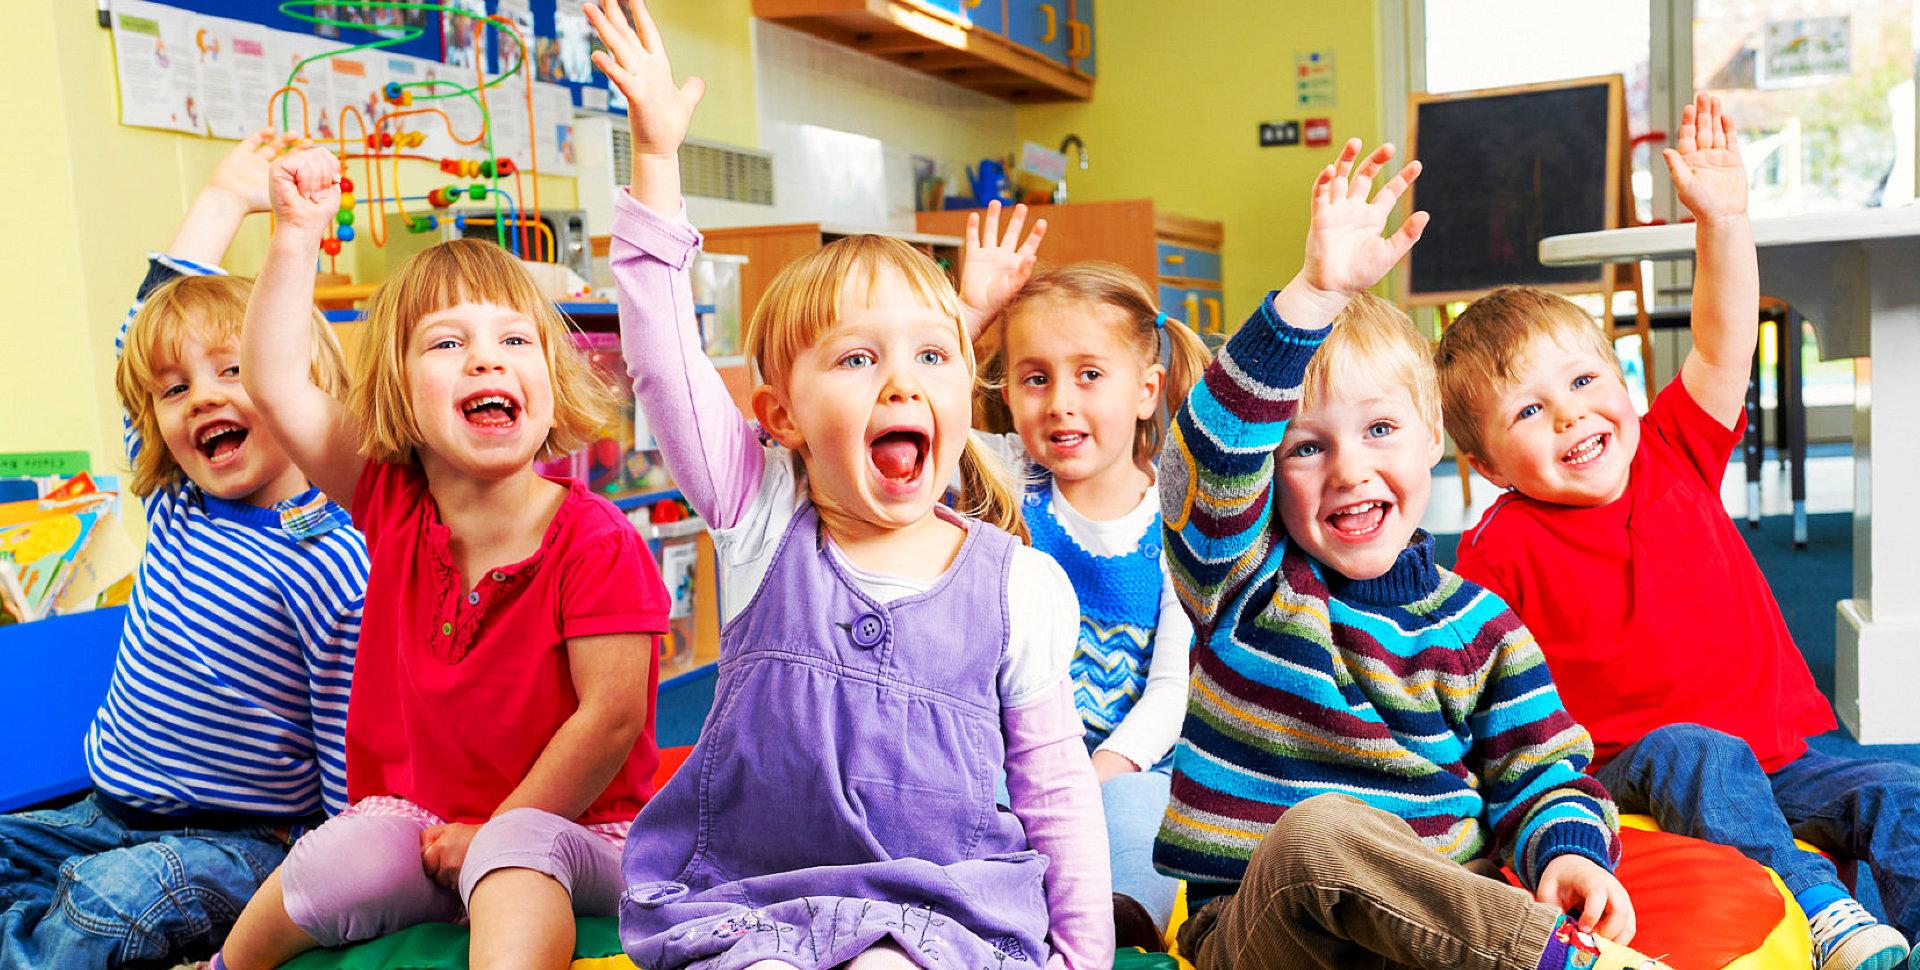 kids raising